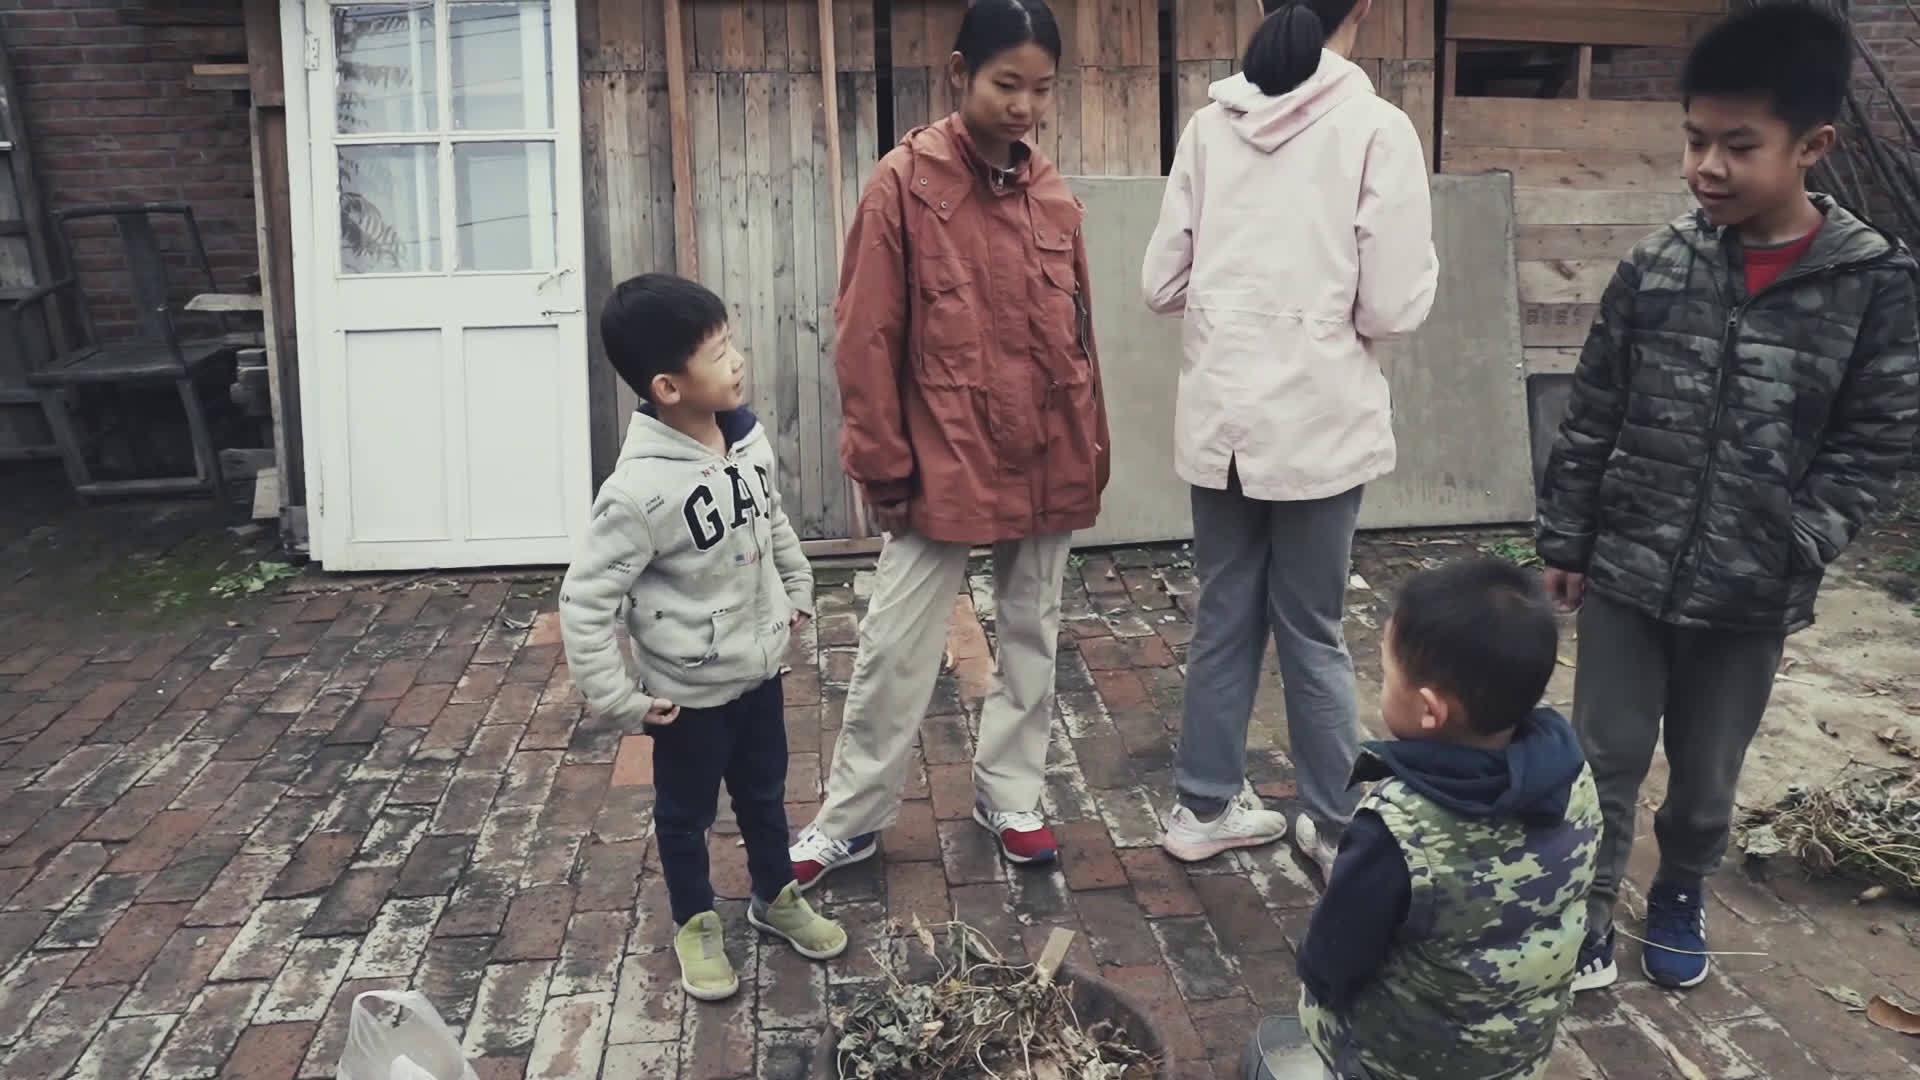 今天跟着晃姐@洪晃 继续了解下苑村的孩子们……